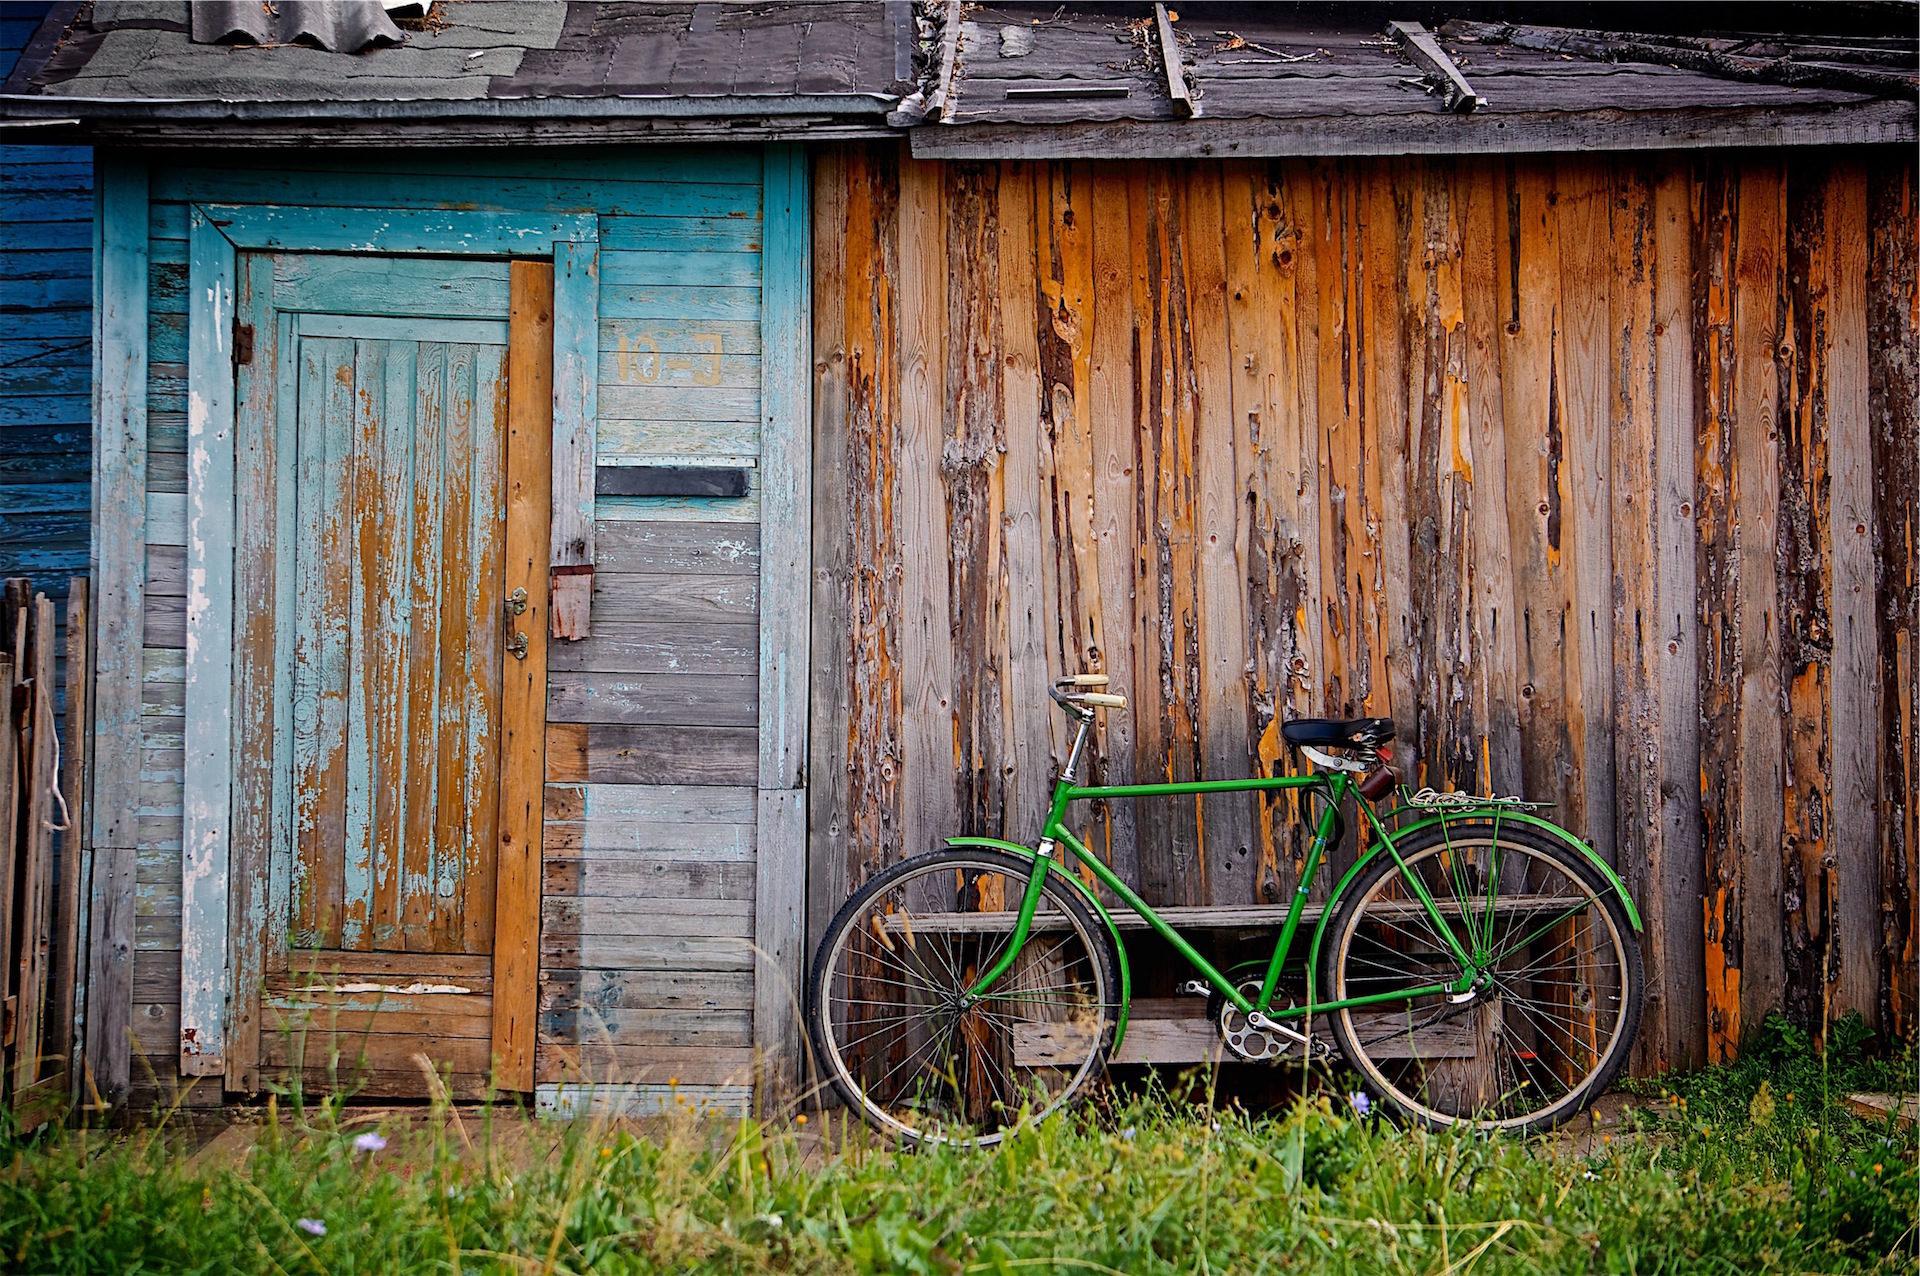 الدراجة, كابانا, الميدان, ريفي, الأخضر - خلفيات عالية الدقة - أستاذ falken.com